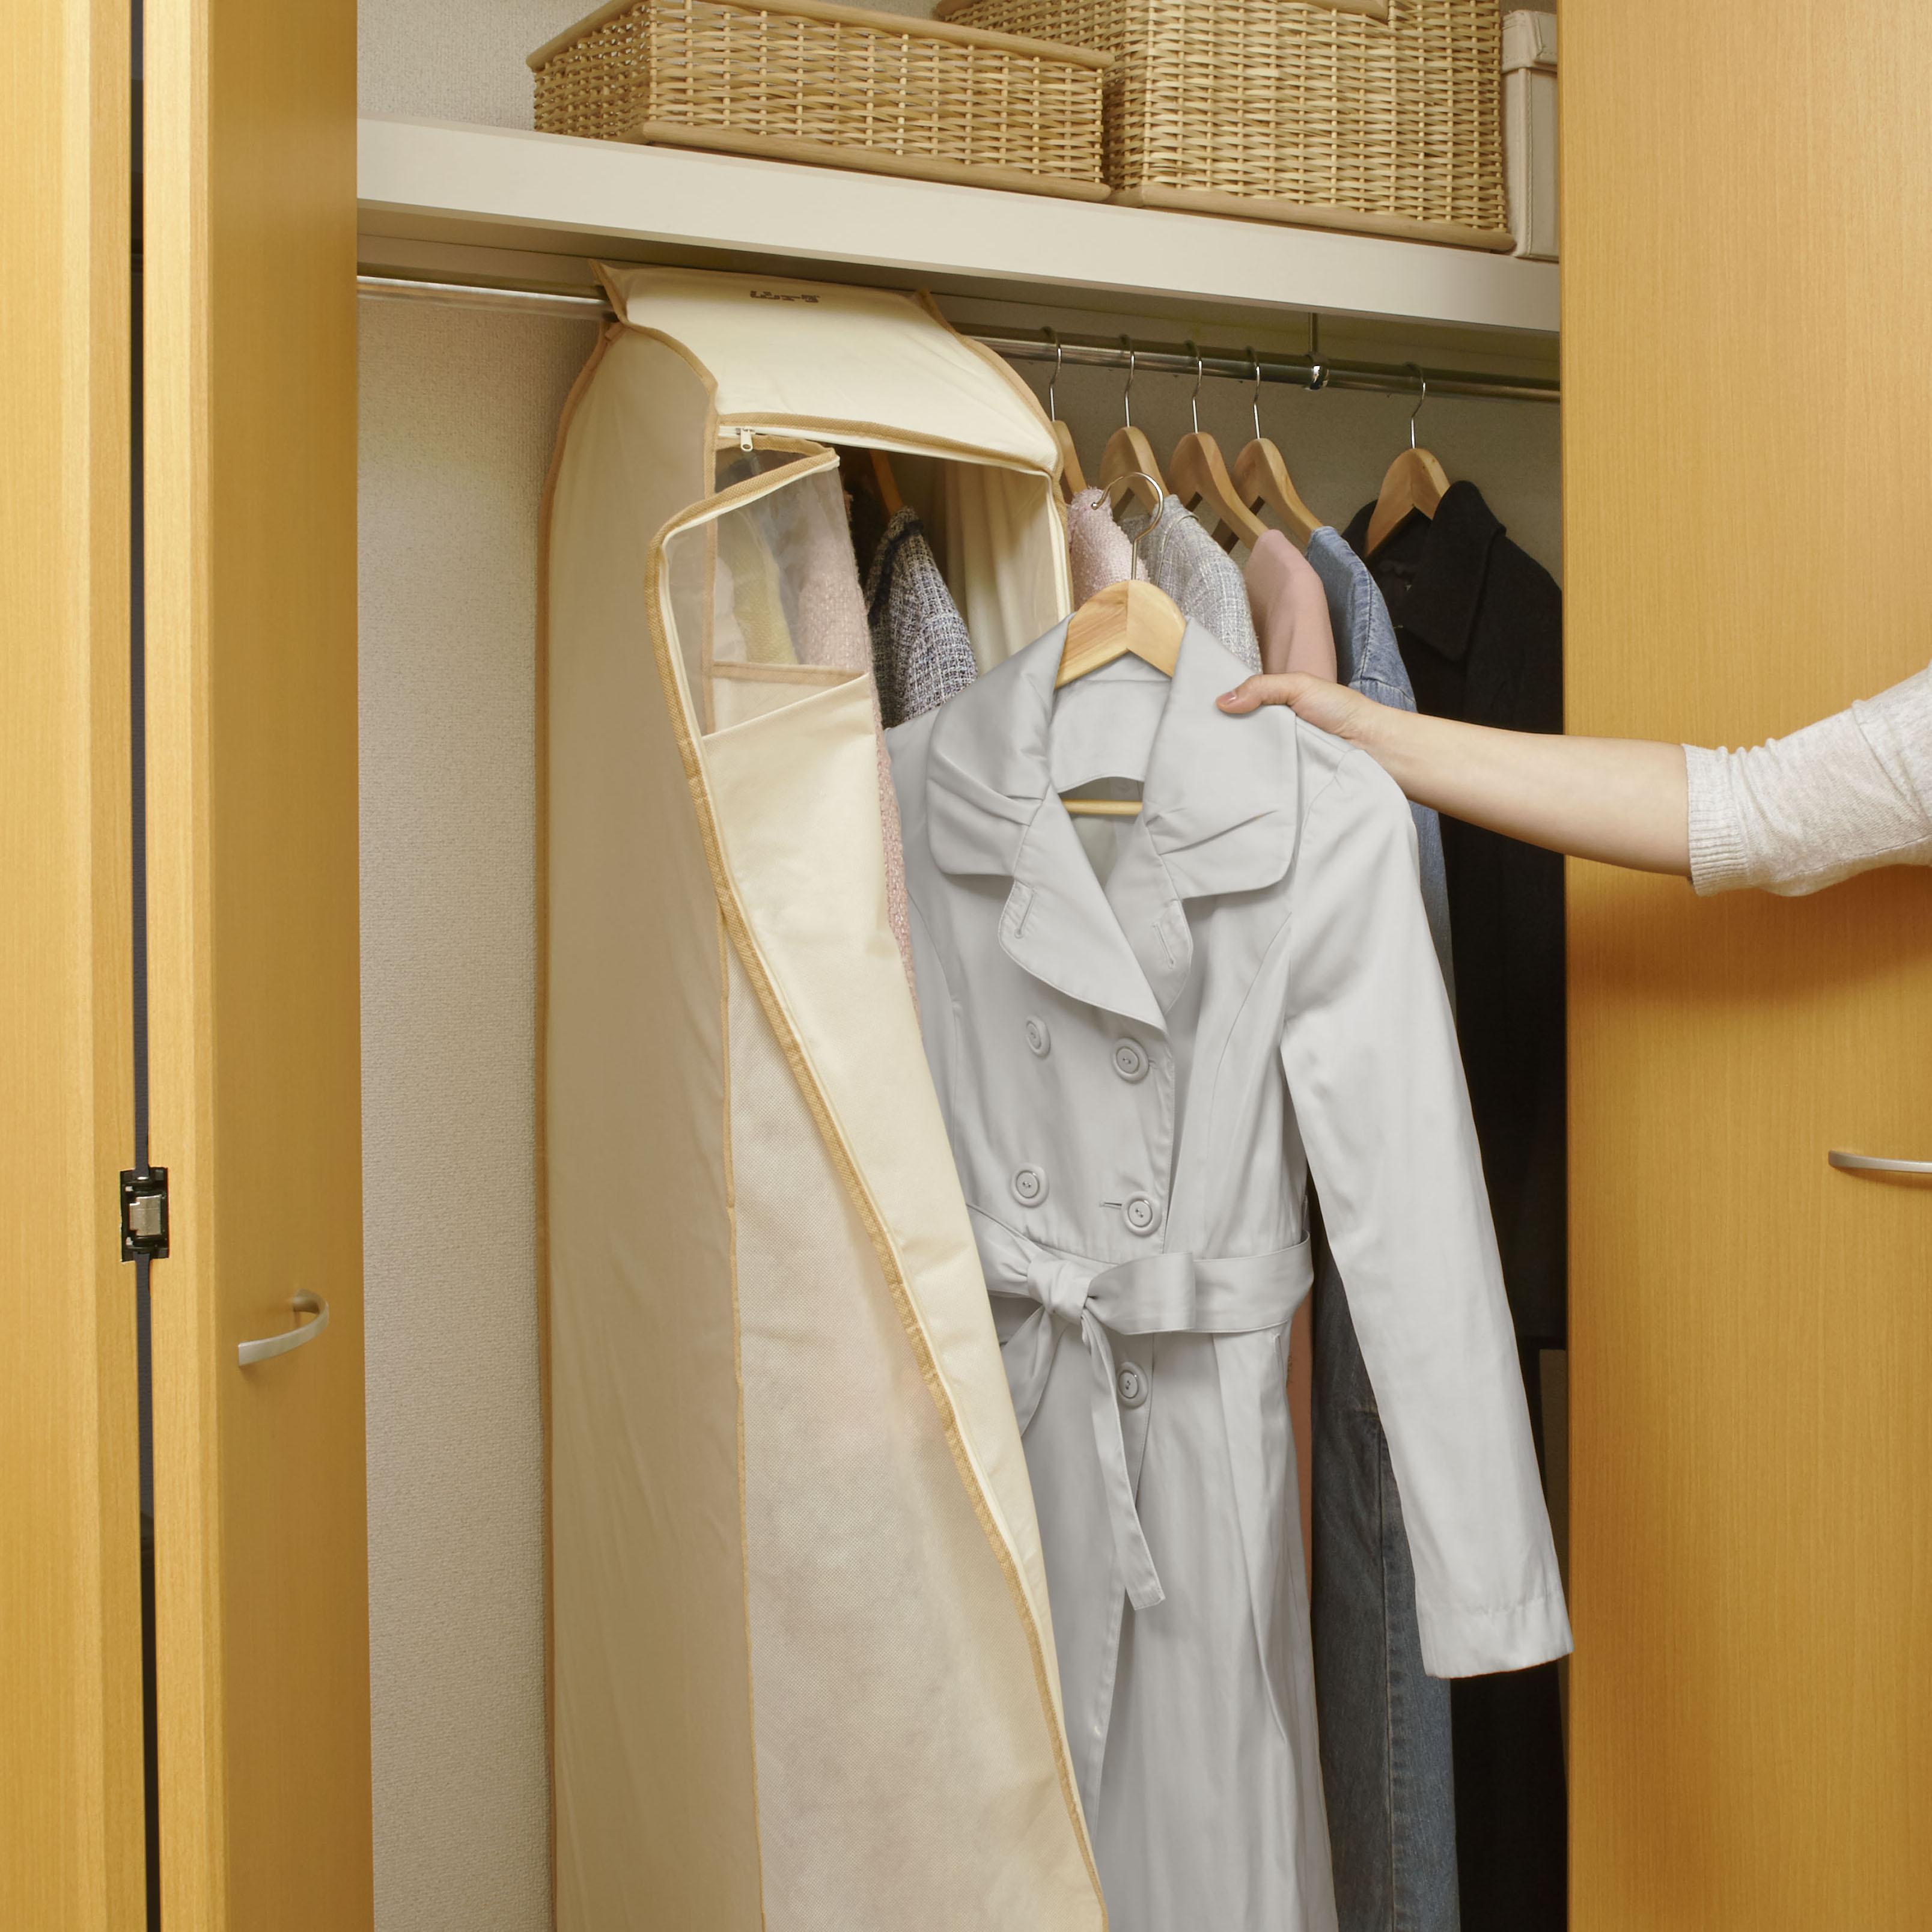 【無料モニター】衣替えが簡単に!ムシューダですっきり収納をしたい方を大募集!